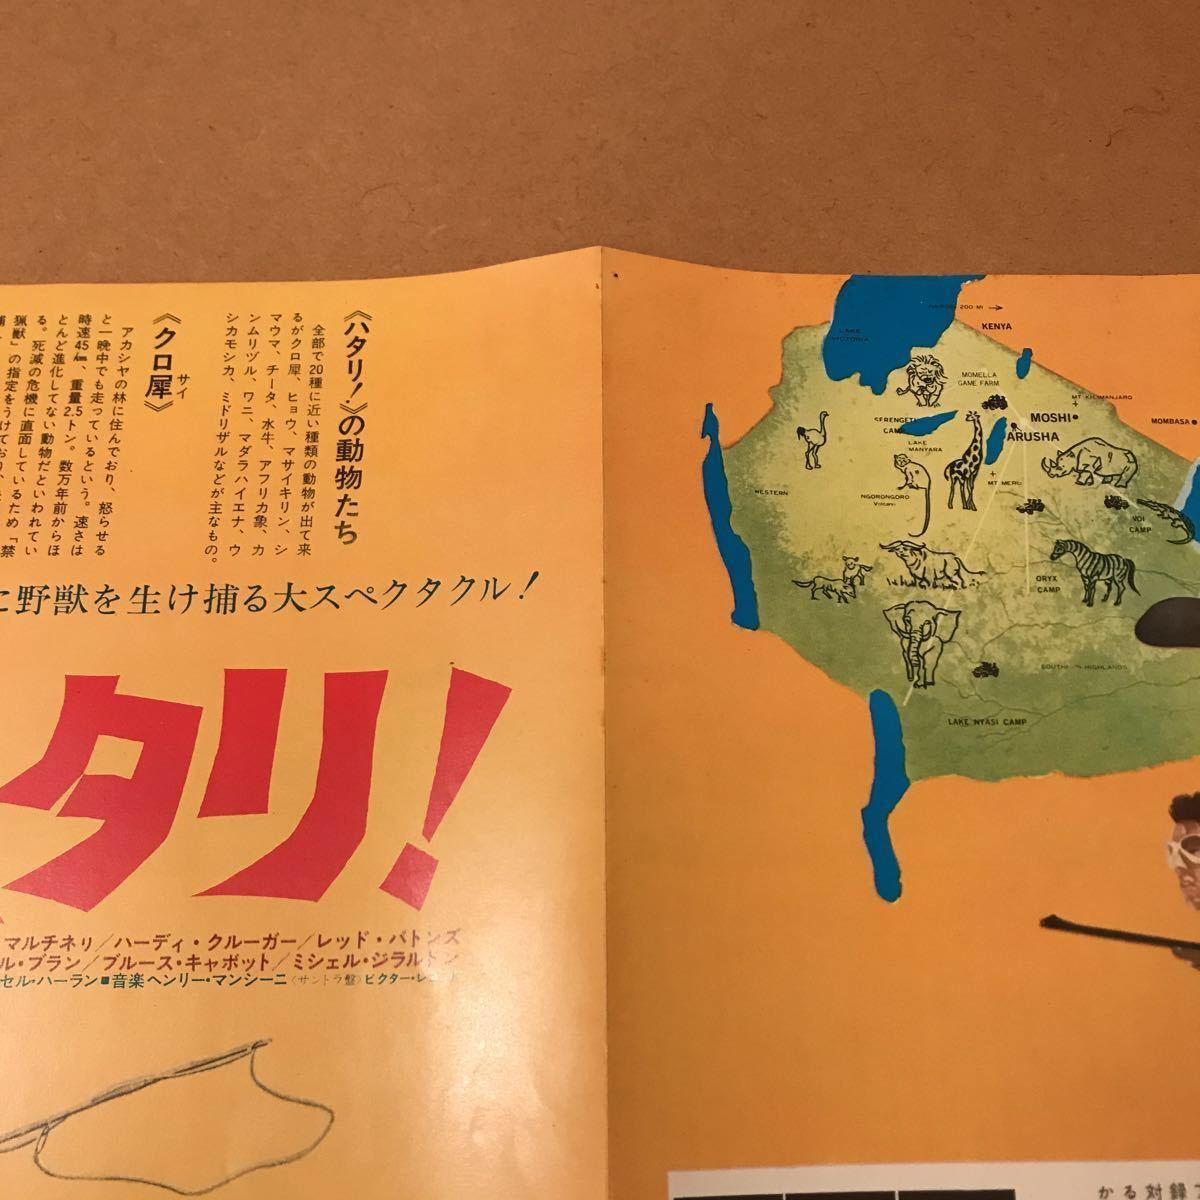 【映画チラシ】『ハタリ!』1962年初公開作品 主演:ジョン・ウェイン 通常B5版2枚折チラシ_画像5